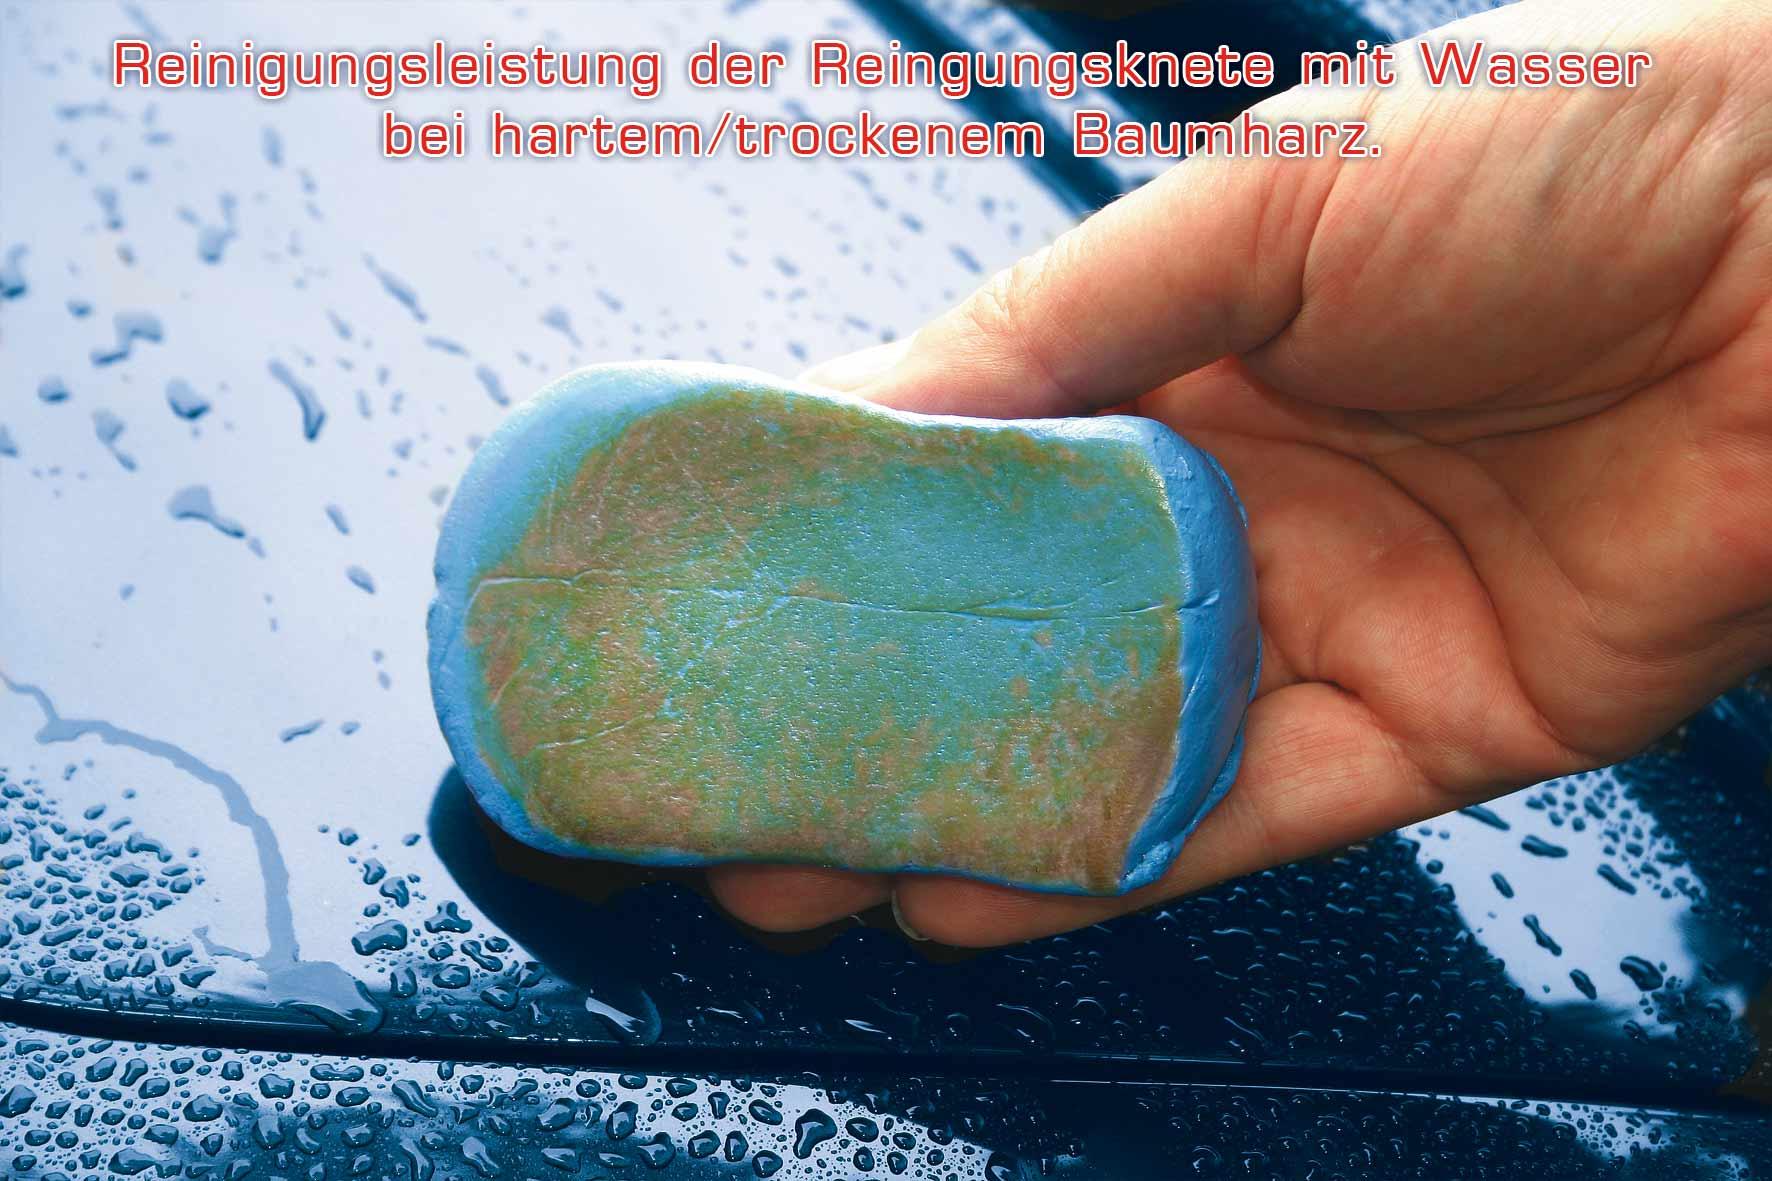 Reinigungsknete-Gleitmittel Set, zur Lackreinigung, Petzoldts